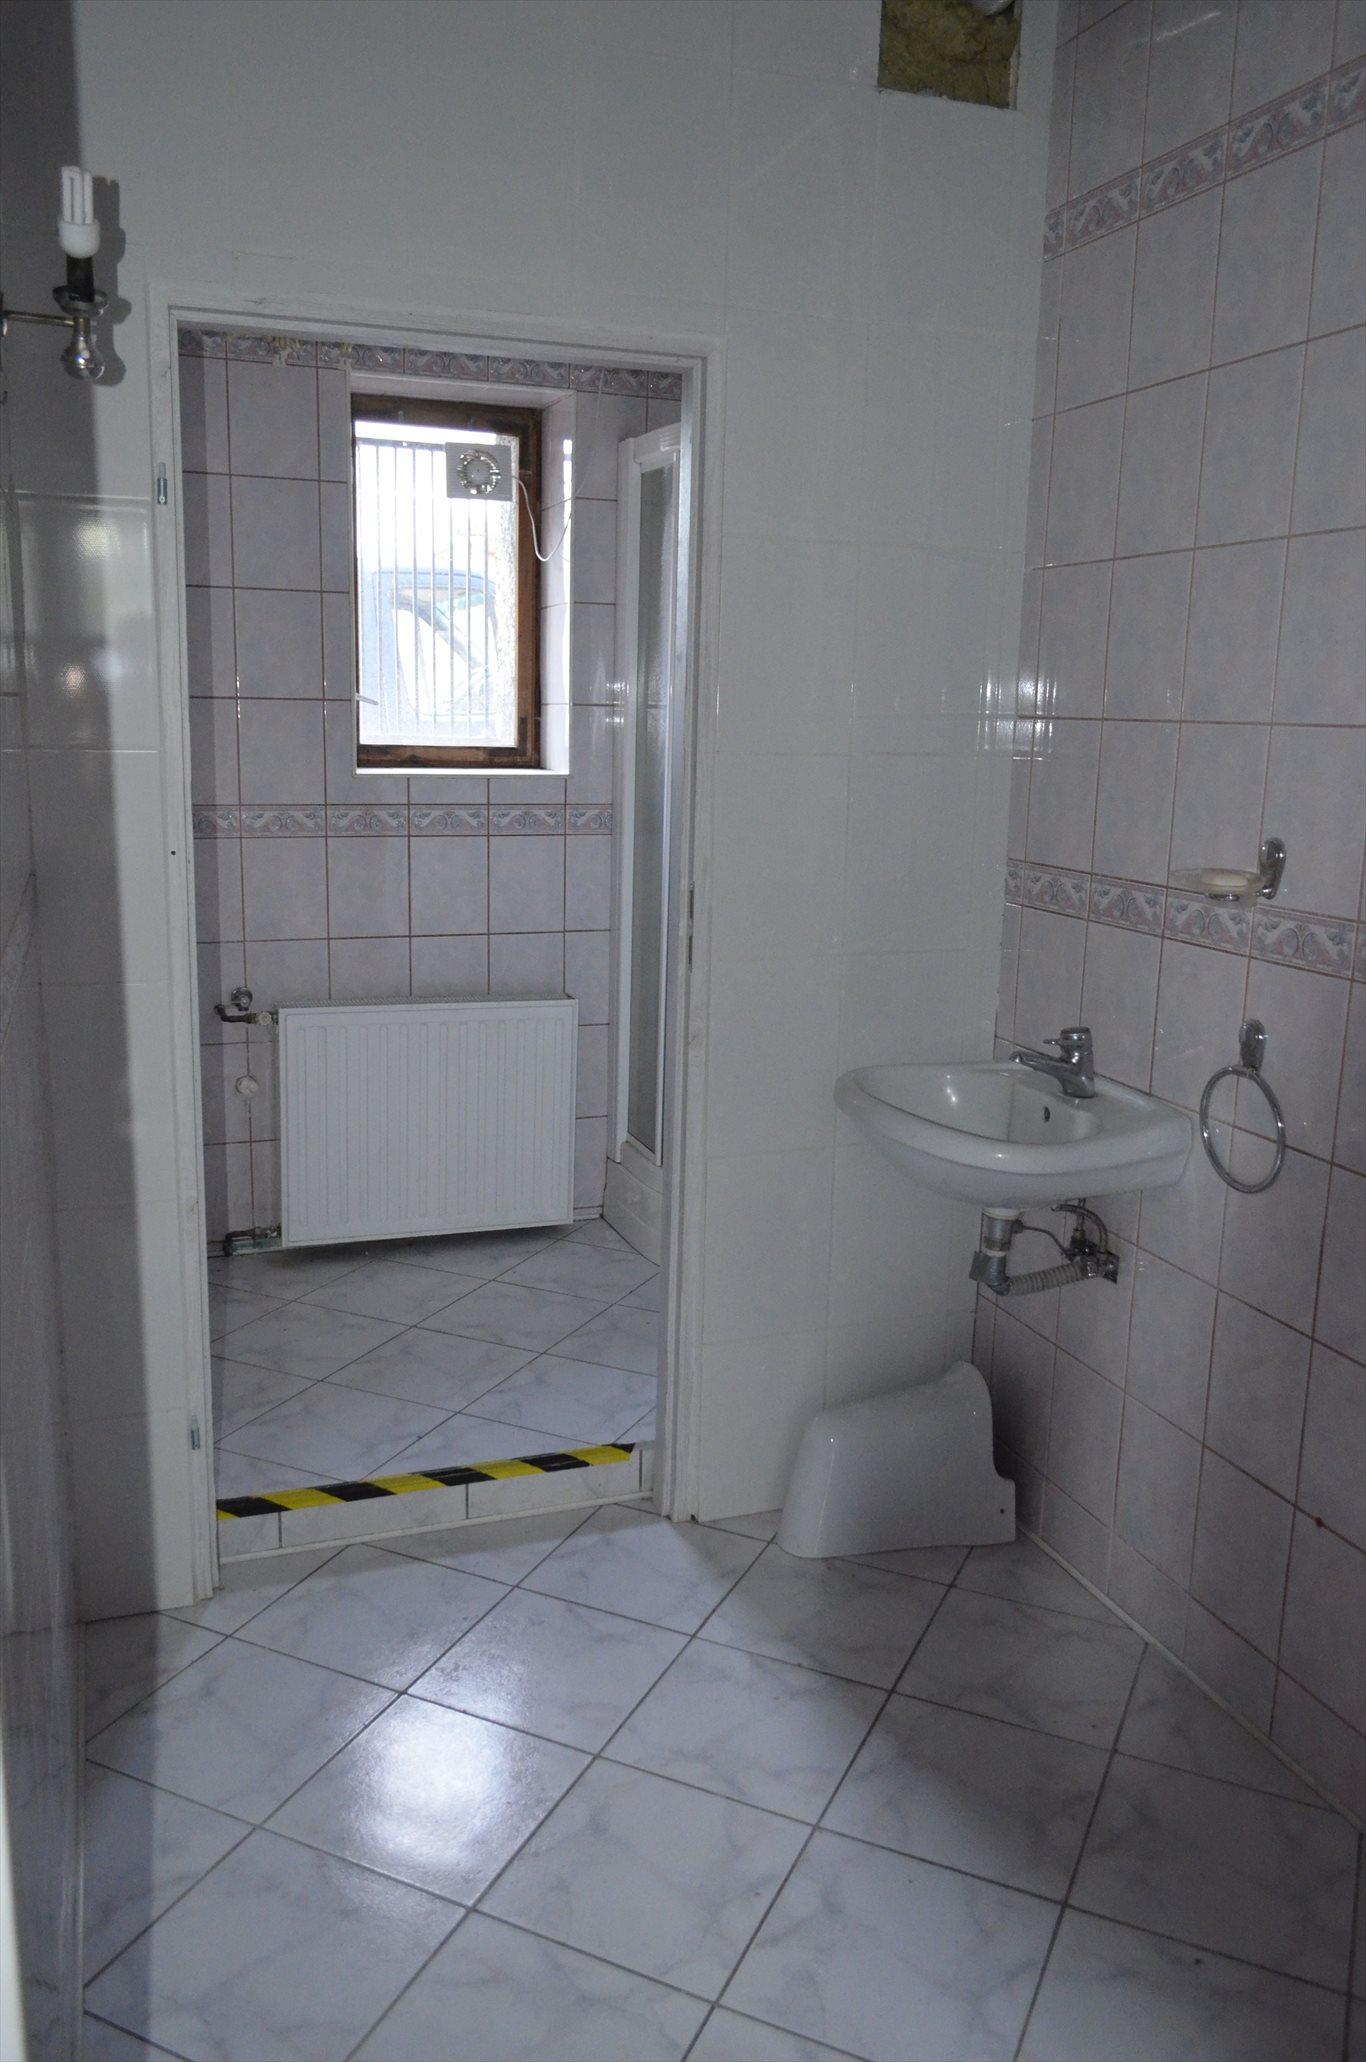 Lokal użytkowy na sprzedaż Olszyna, Centrum  47m2 Foto 8